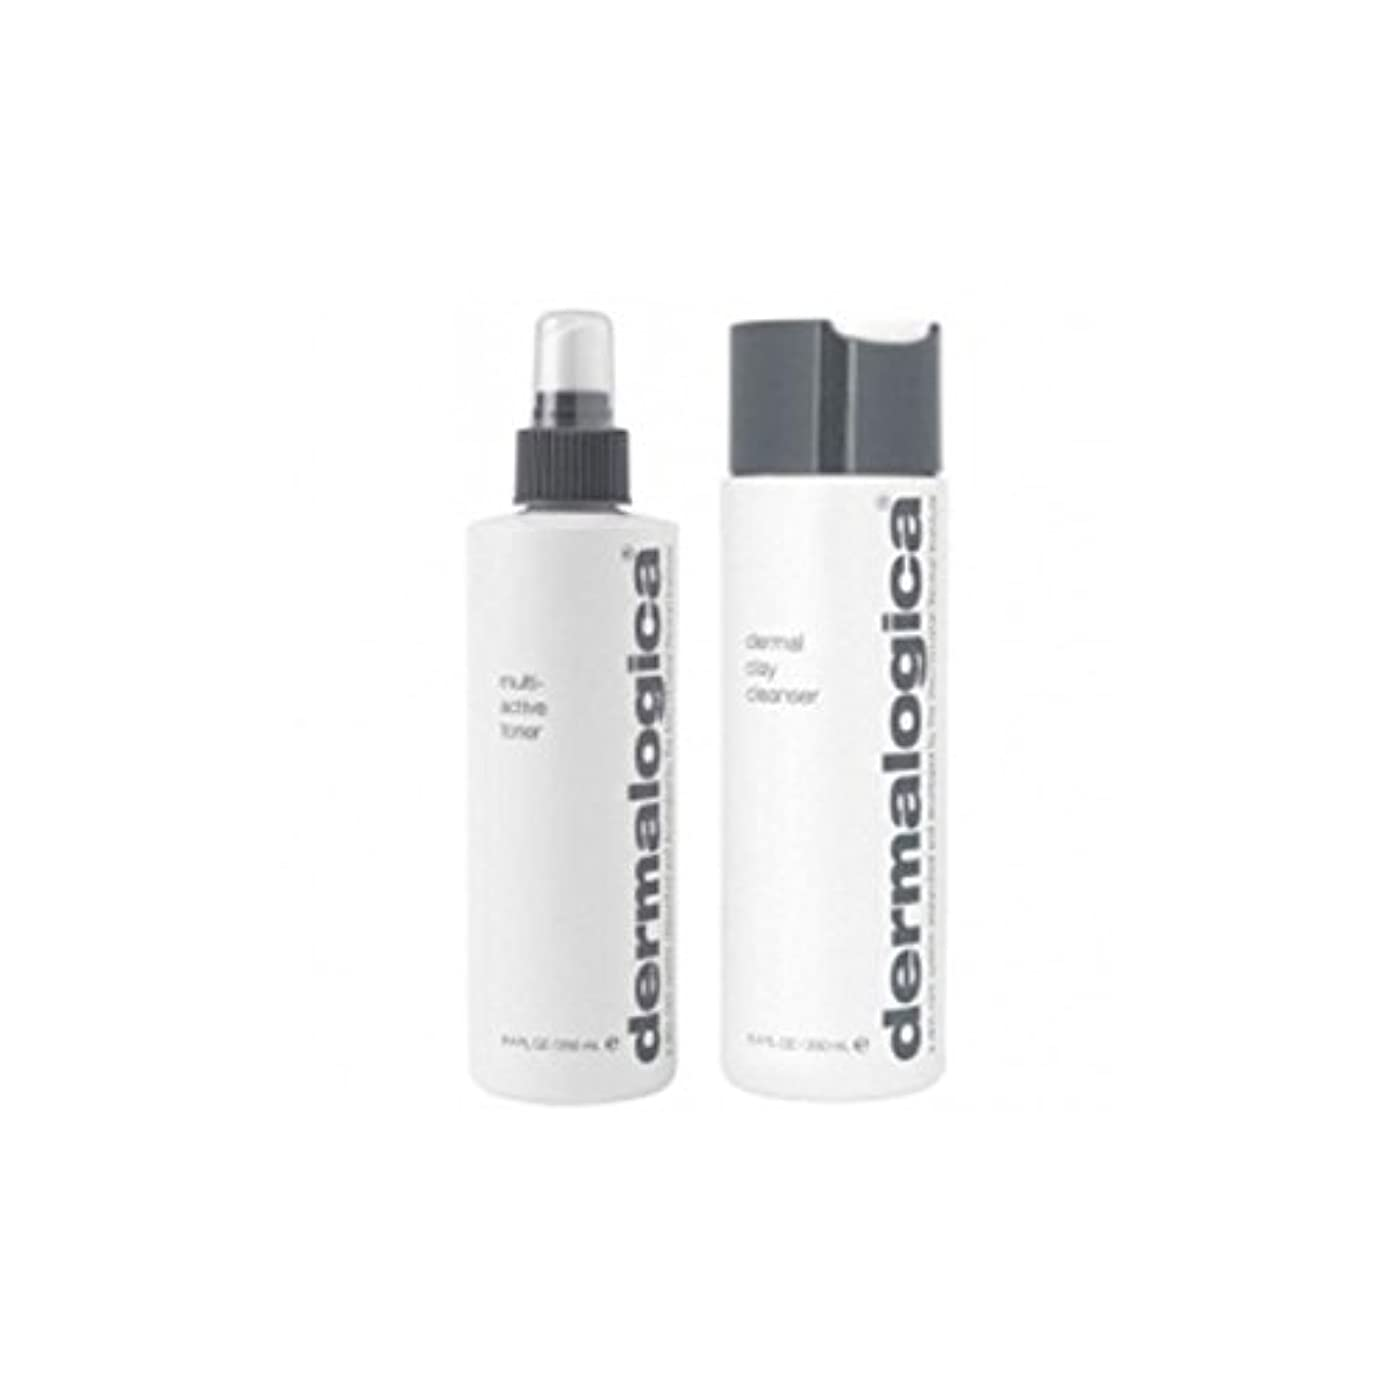 手首悪党古代ダーマロジカクレンジング&トーンデュオ - 脂性肌(2製品) x2 - Dermalogica Cleanse & Tone Duo - Oily Skin (2 Products) (Pack of 2) [並行輸入品]